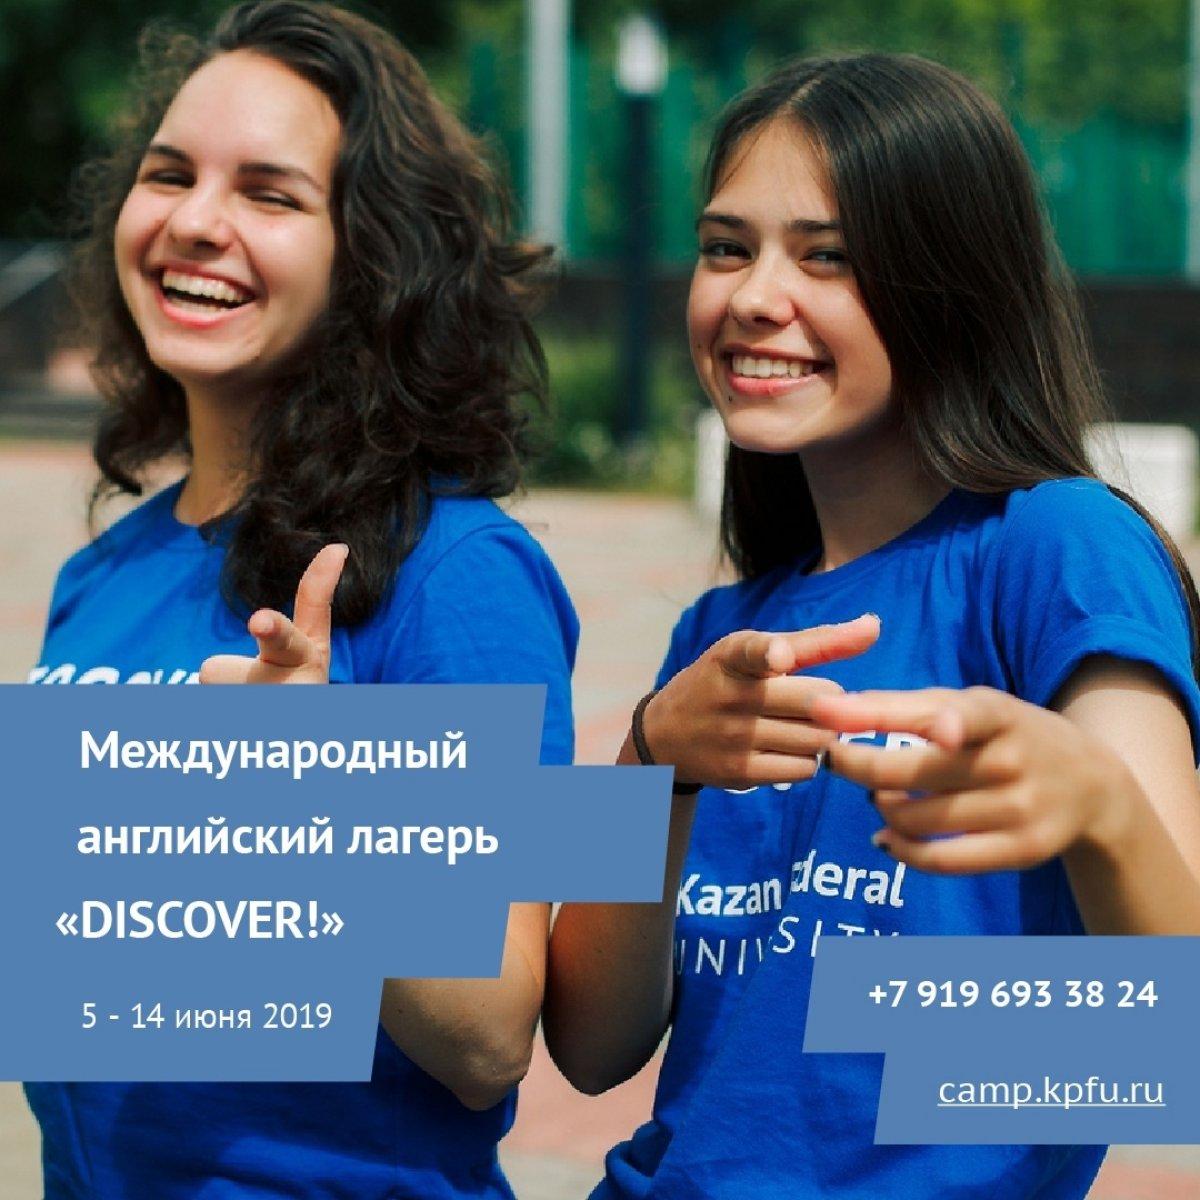 """Сегодня — 20 мая, а это значит настал момент розыгрыша футболок с надписью «Казанский университет» от Лагеря английского языка """"DISCOVER KFU"""", и победителями становятся:"""